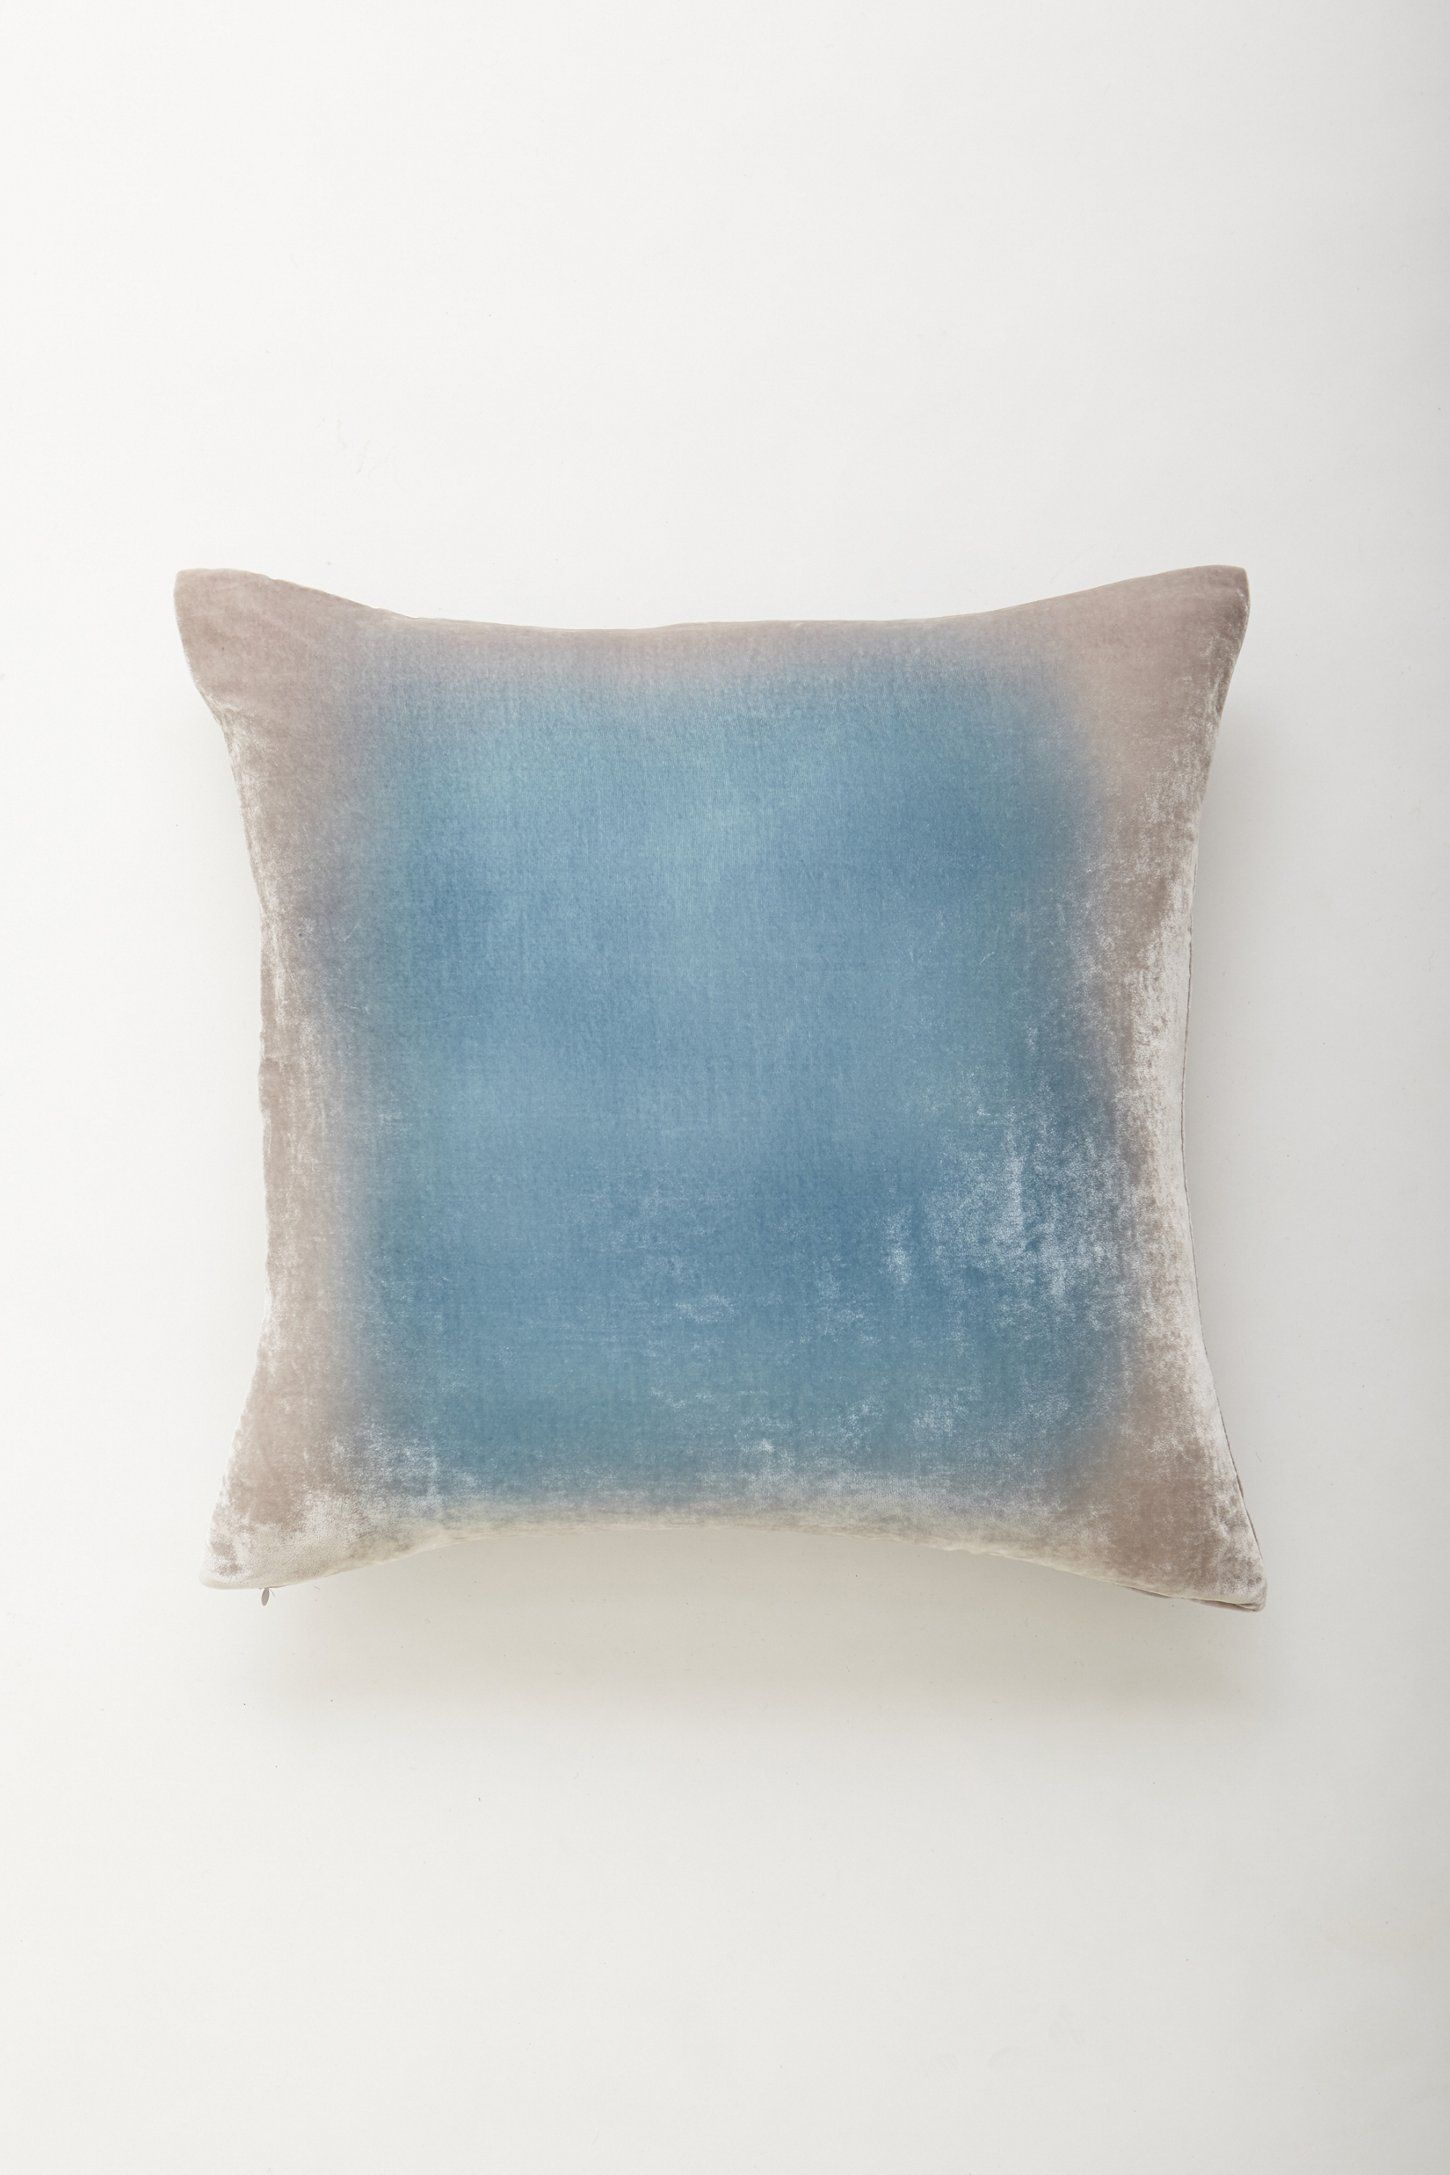 Kevin O Brien Ombre Velvet Pillow Velvet Pillows Ombre Velvet Pillows